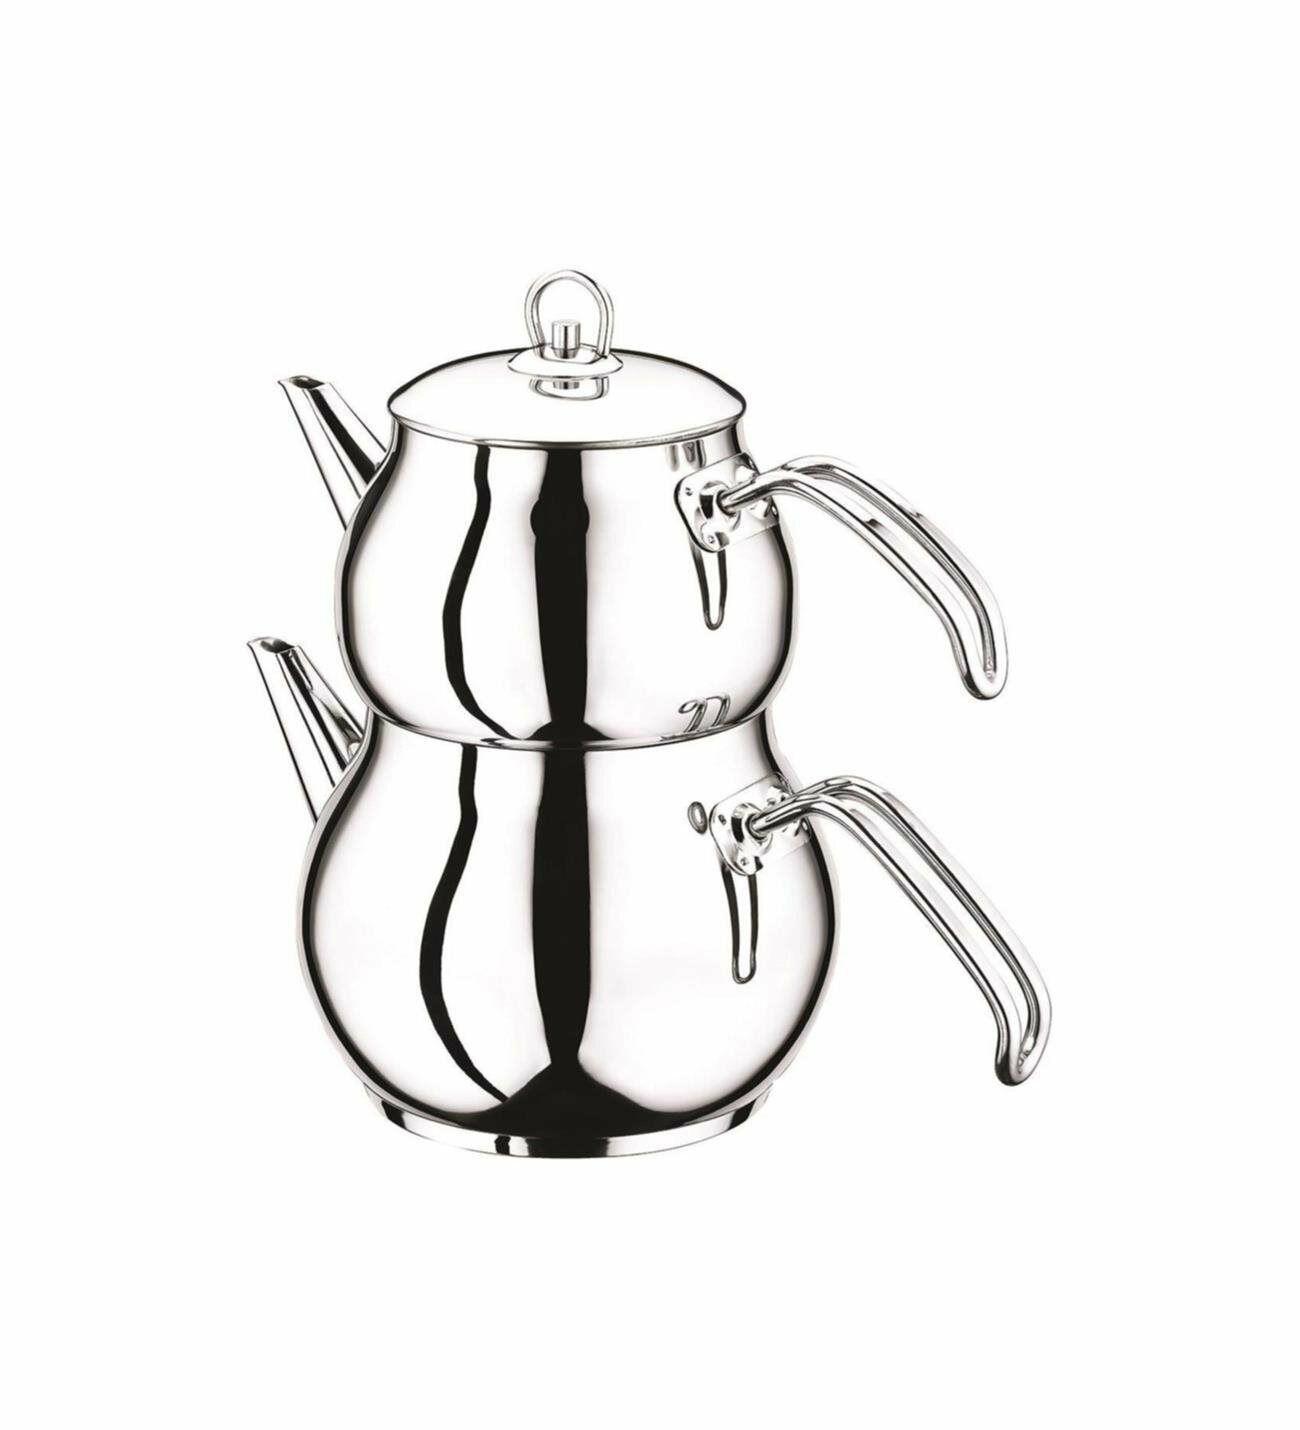 Hayat Türkische Teekanne Teekocher Teekessel 3 Größen Edelstahl Induktion Caydan